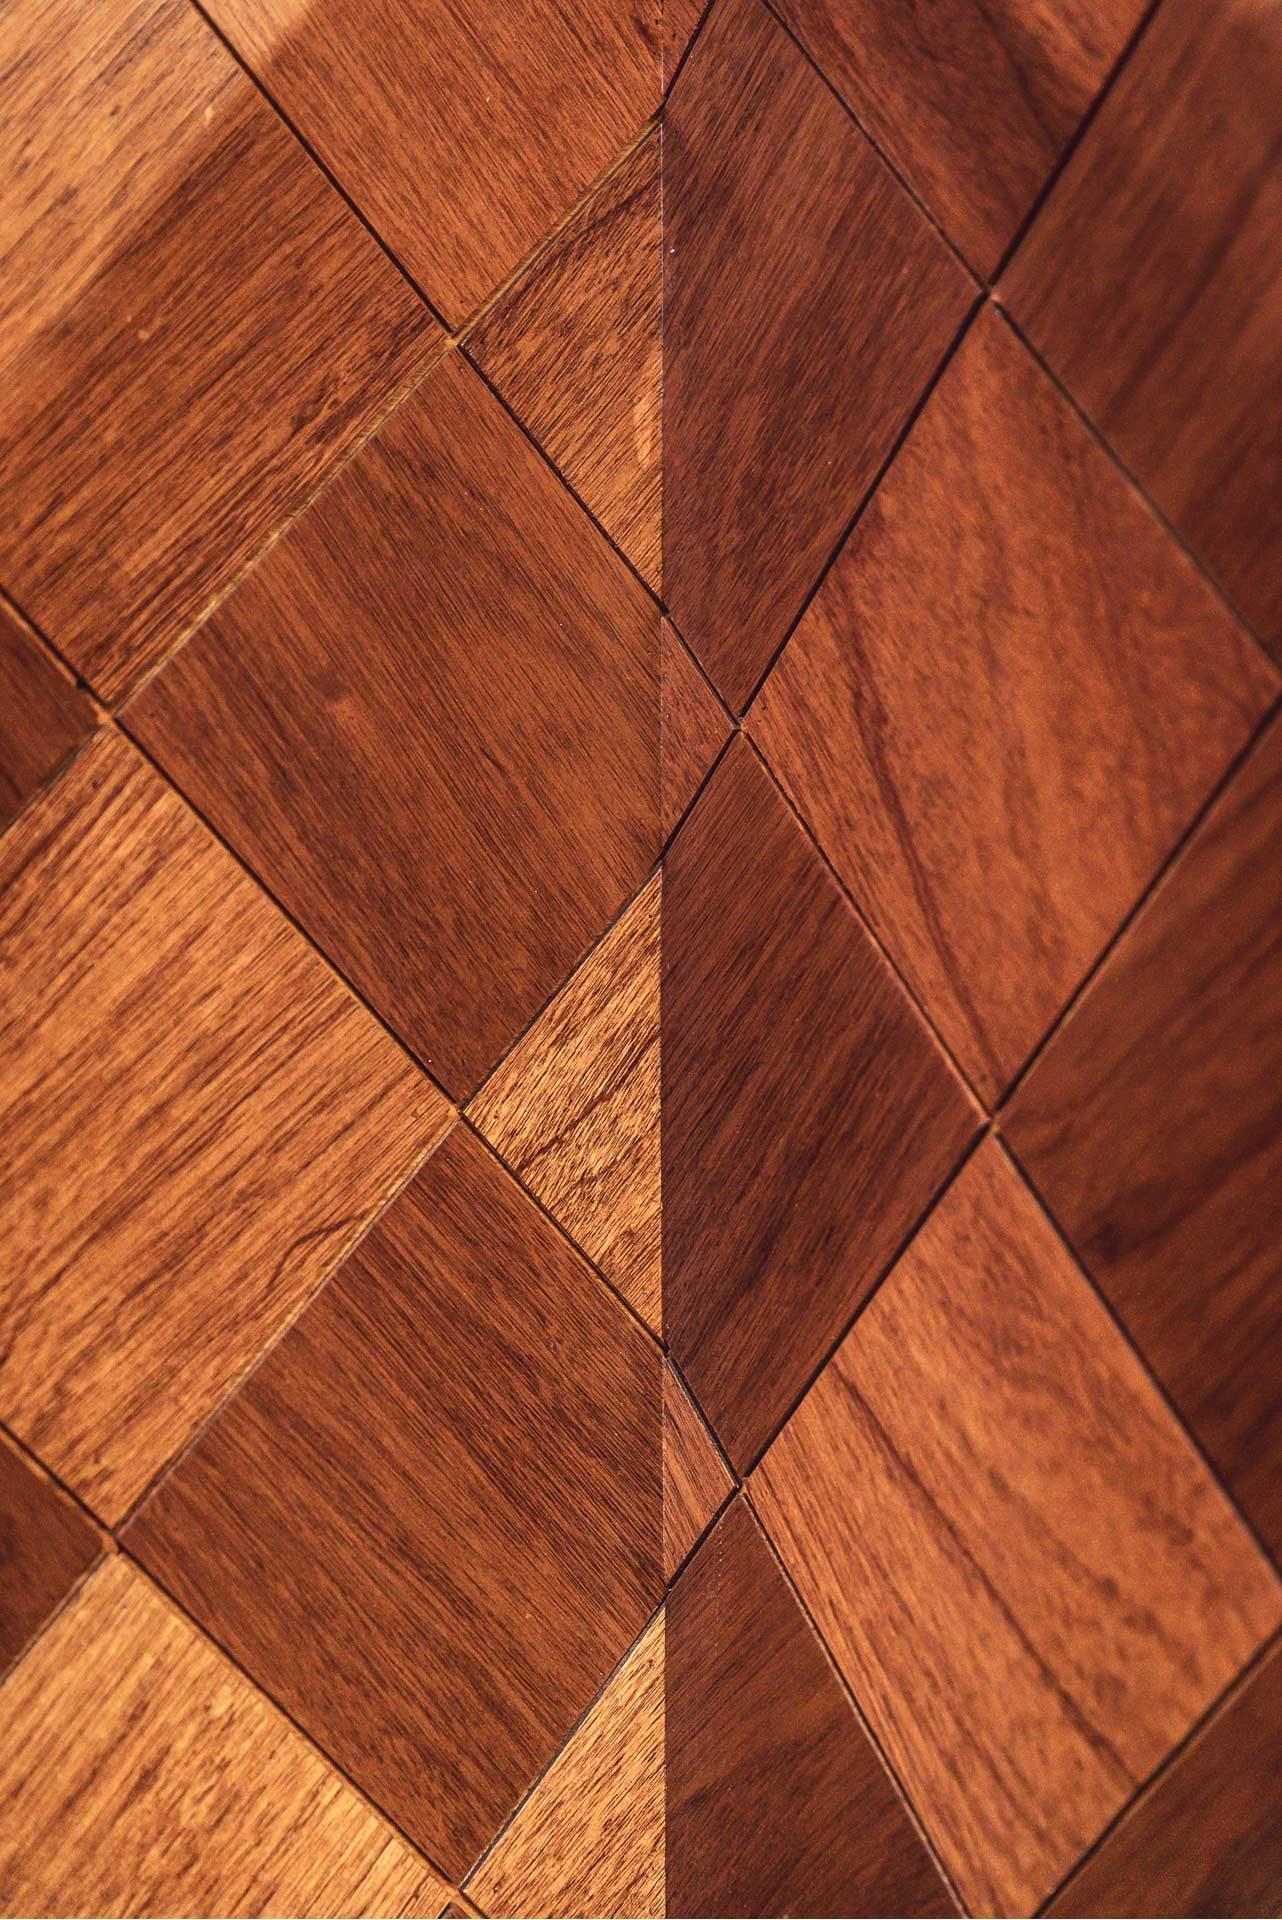 菱形牆板的工法難在於精準的銜接,由此可見玖恆木作師傅的功力(圖為牆板轉折處特寫)